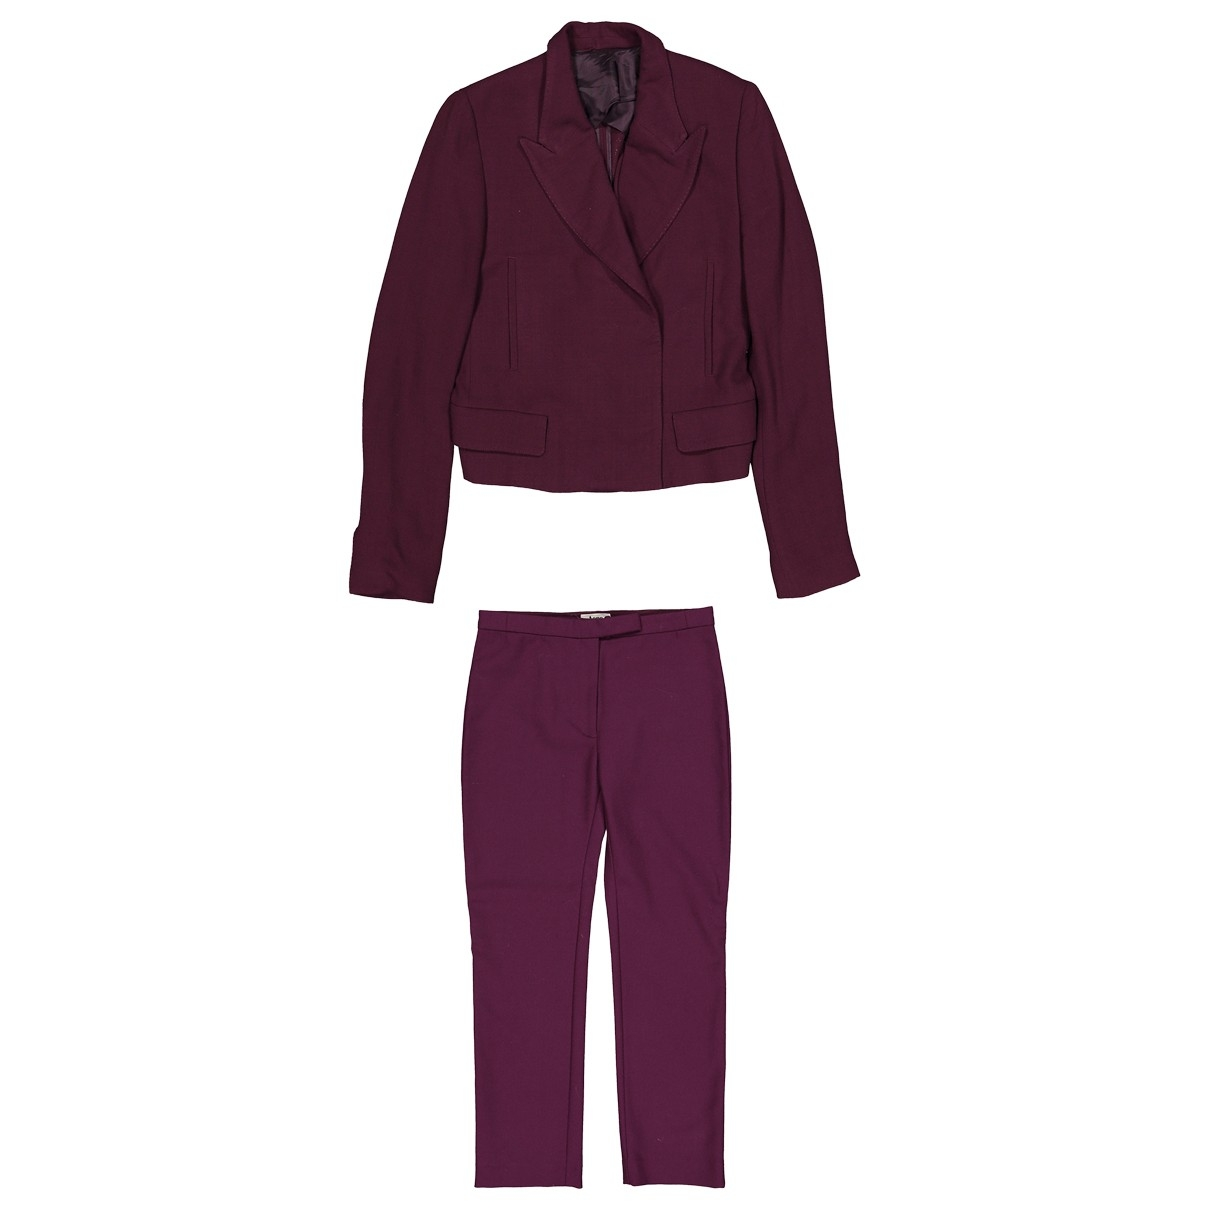 Acne Studios - Veste   pour femme en laine - violet